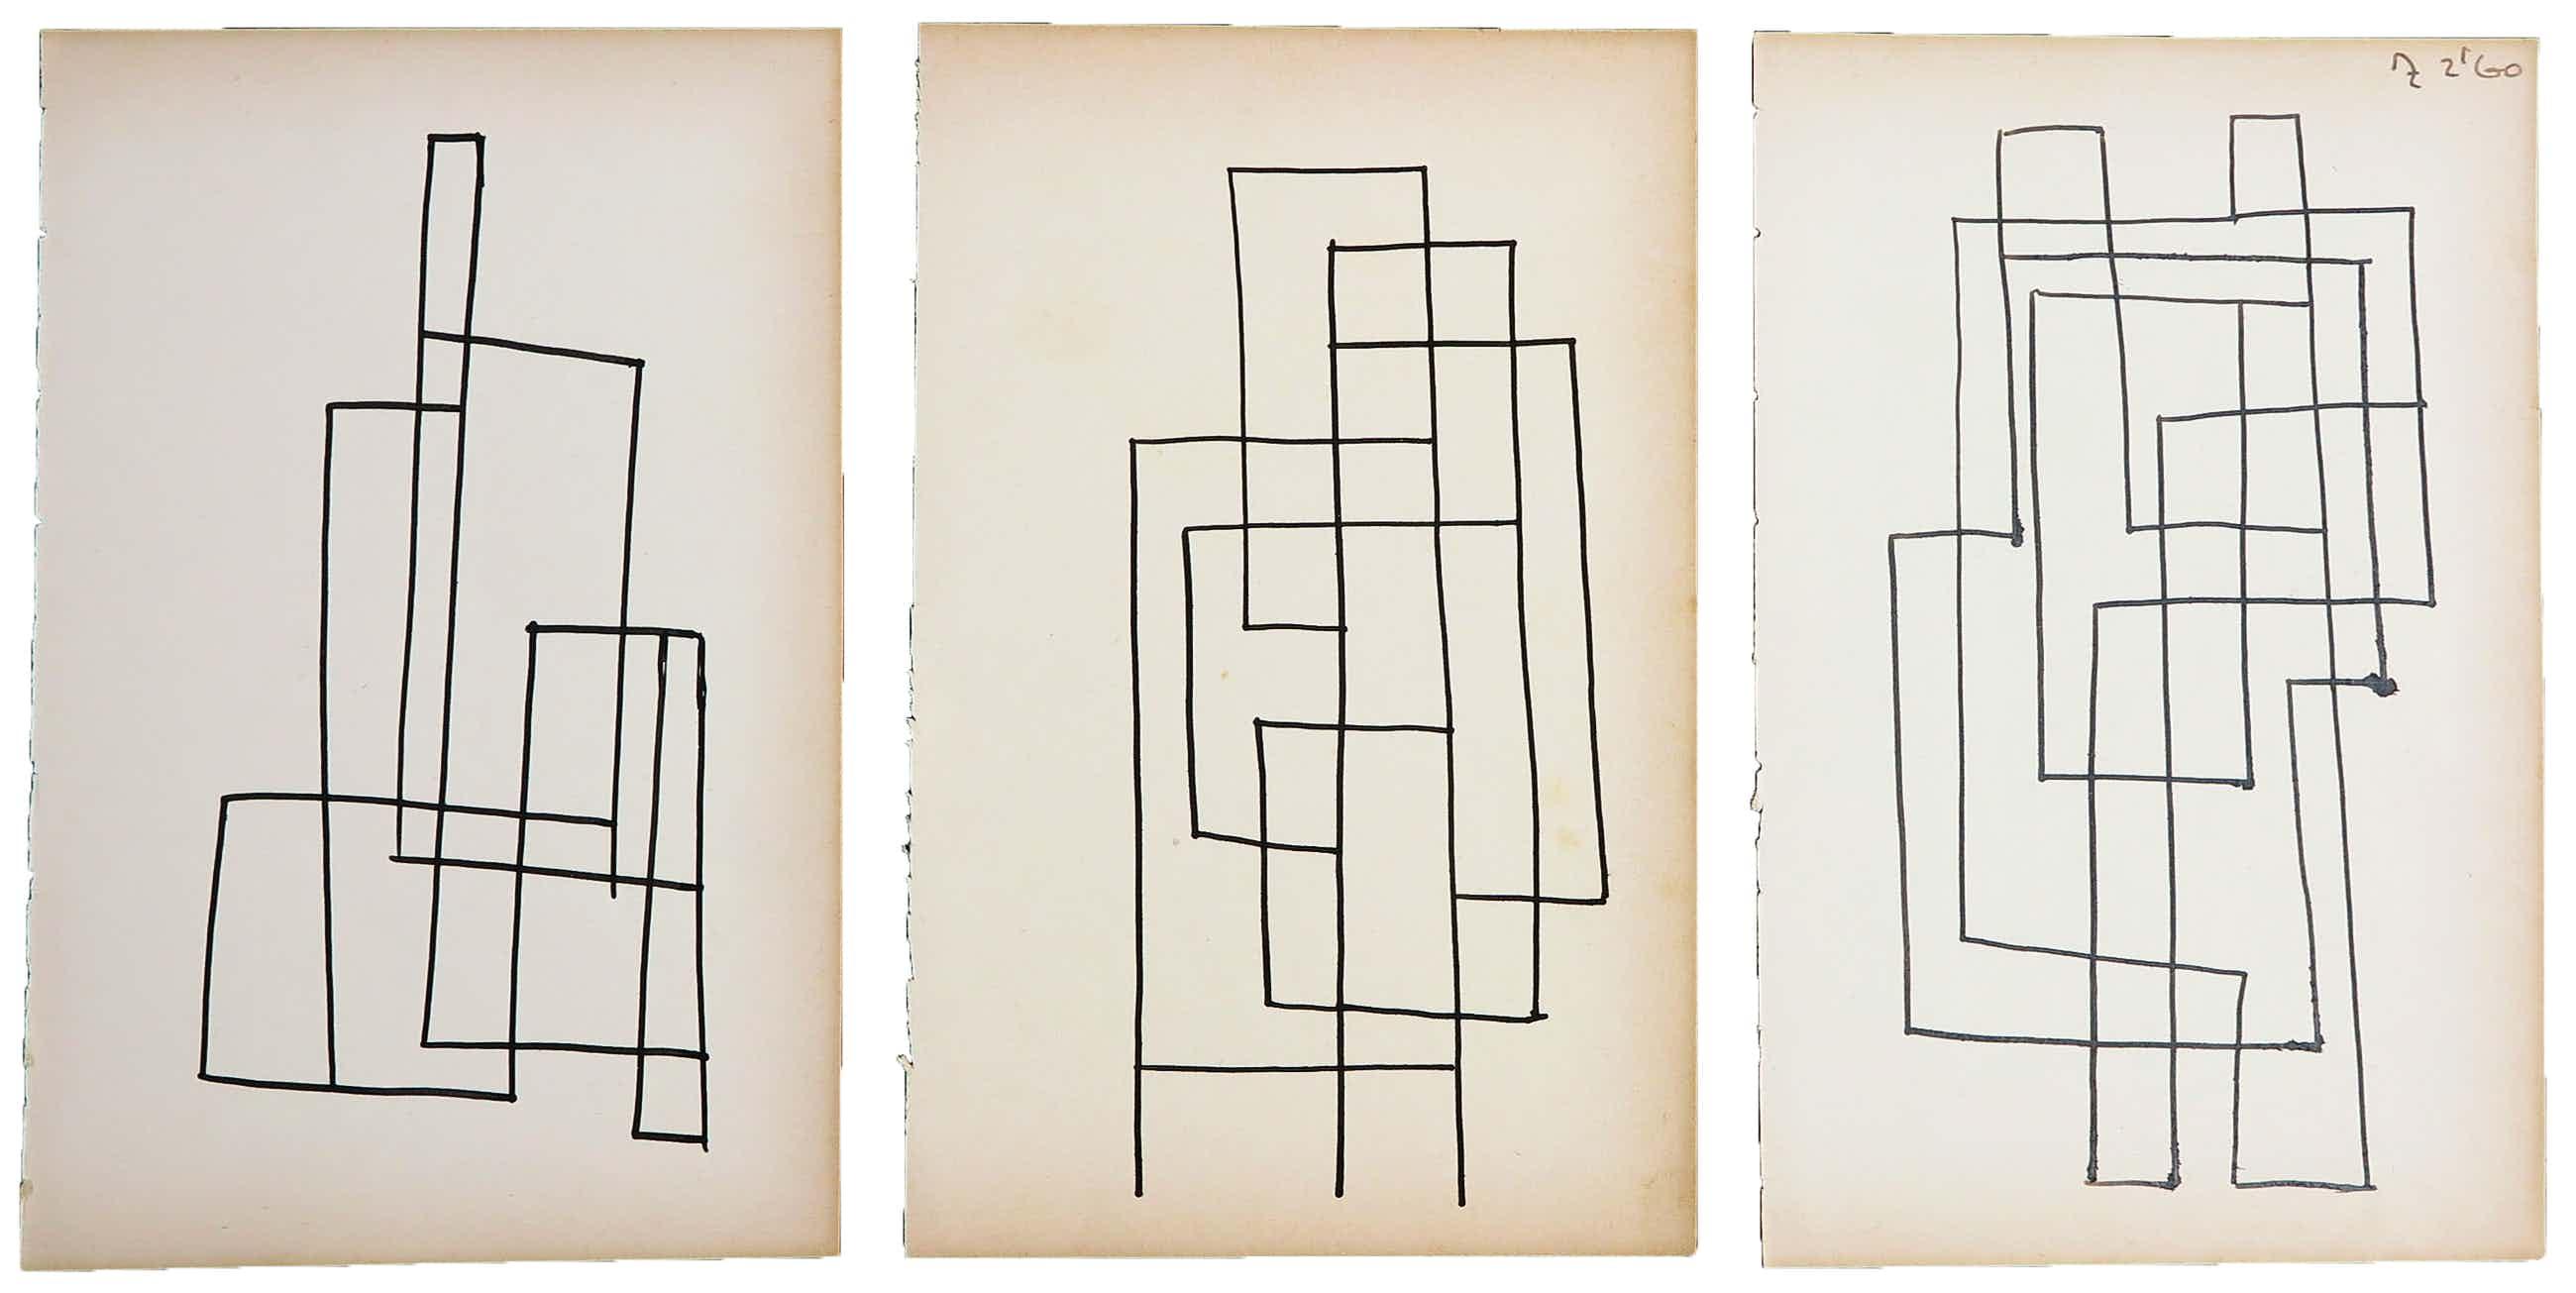 Siep van den Berg - Lot van drie abstracte composities kopen? Bied vanaf 100!